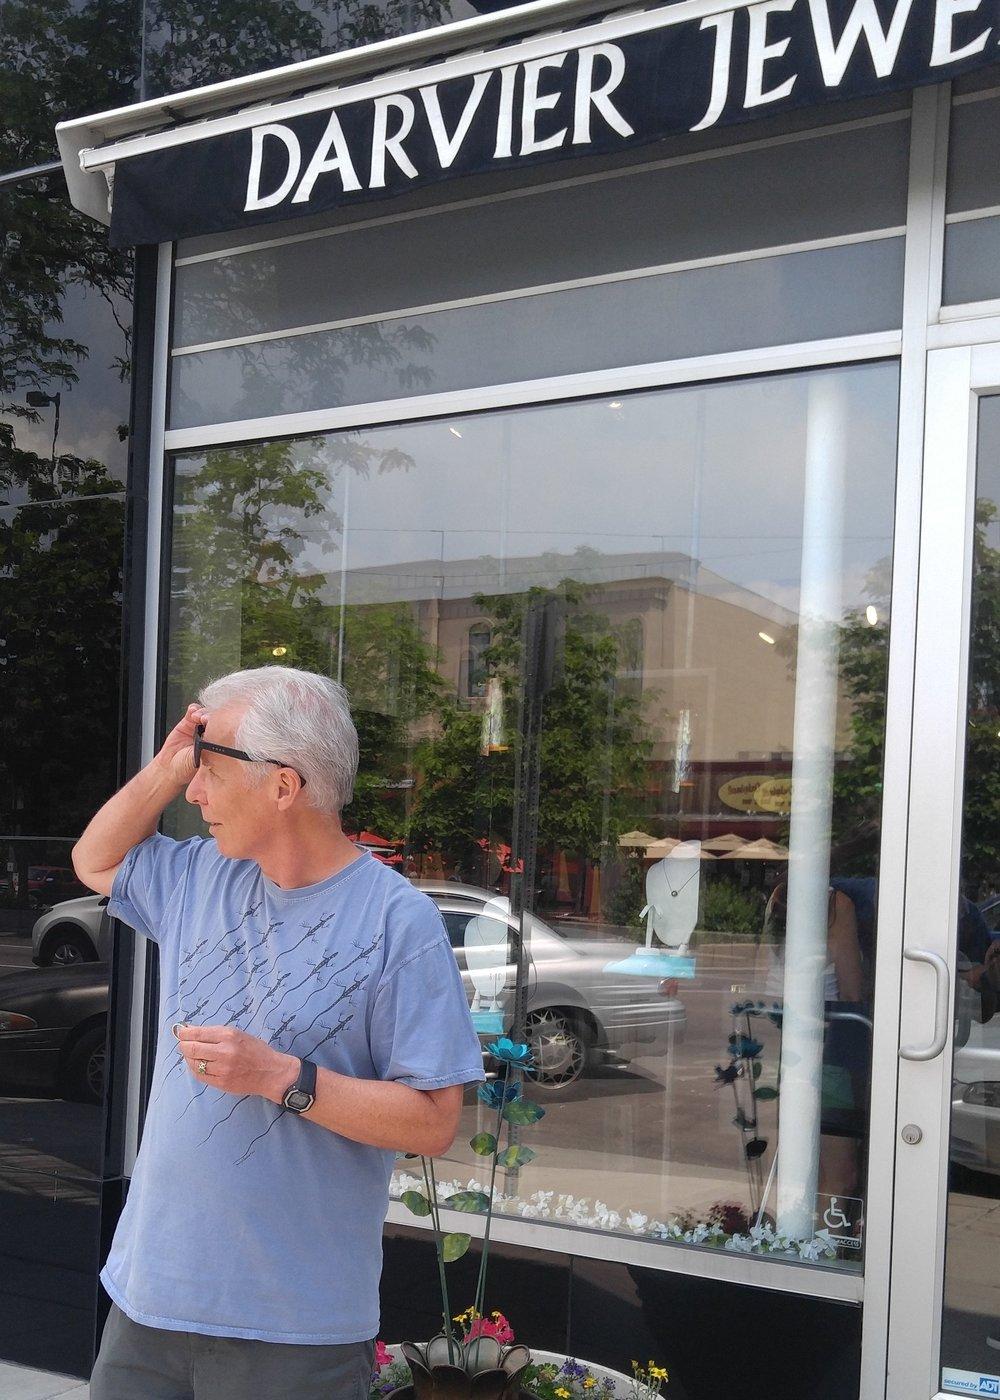 darvier-enchroma-glasses-went-outside.jpg